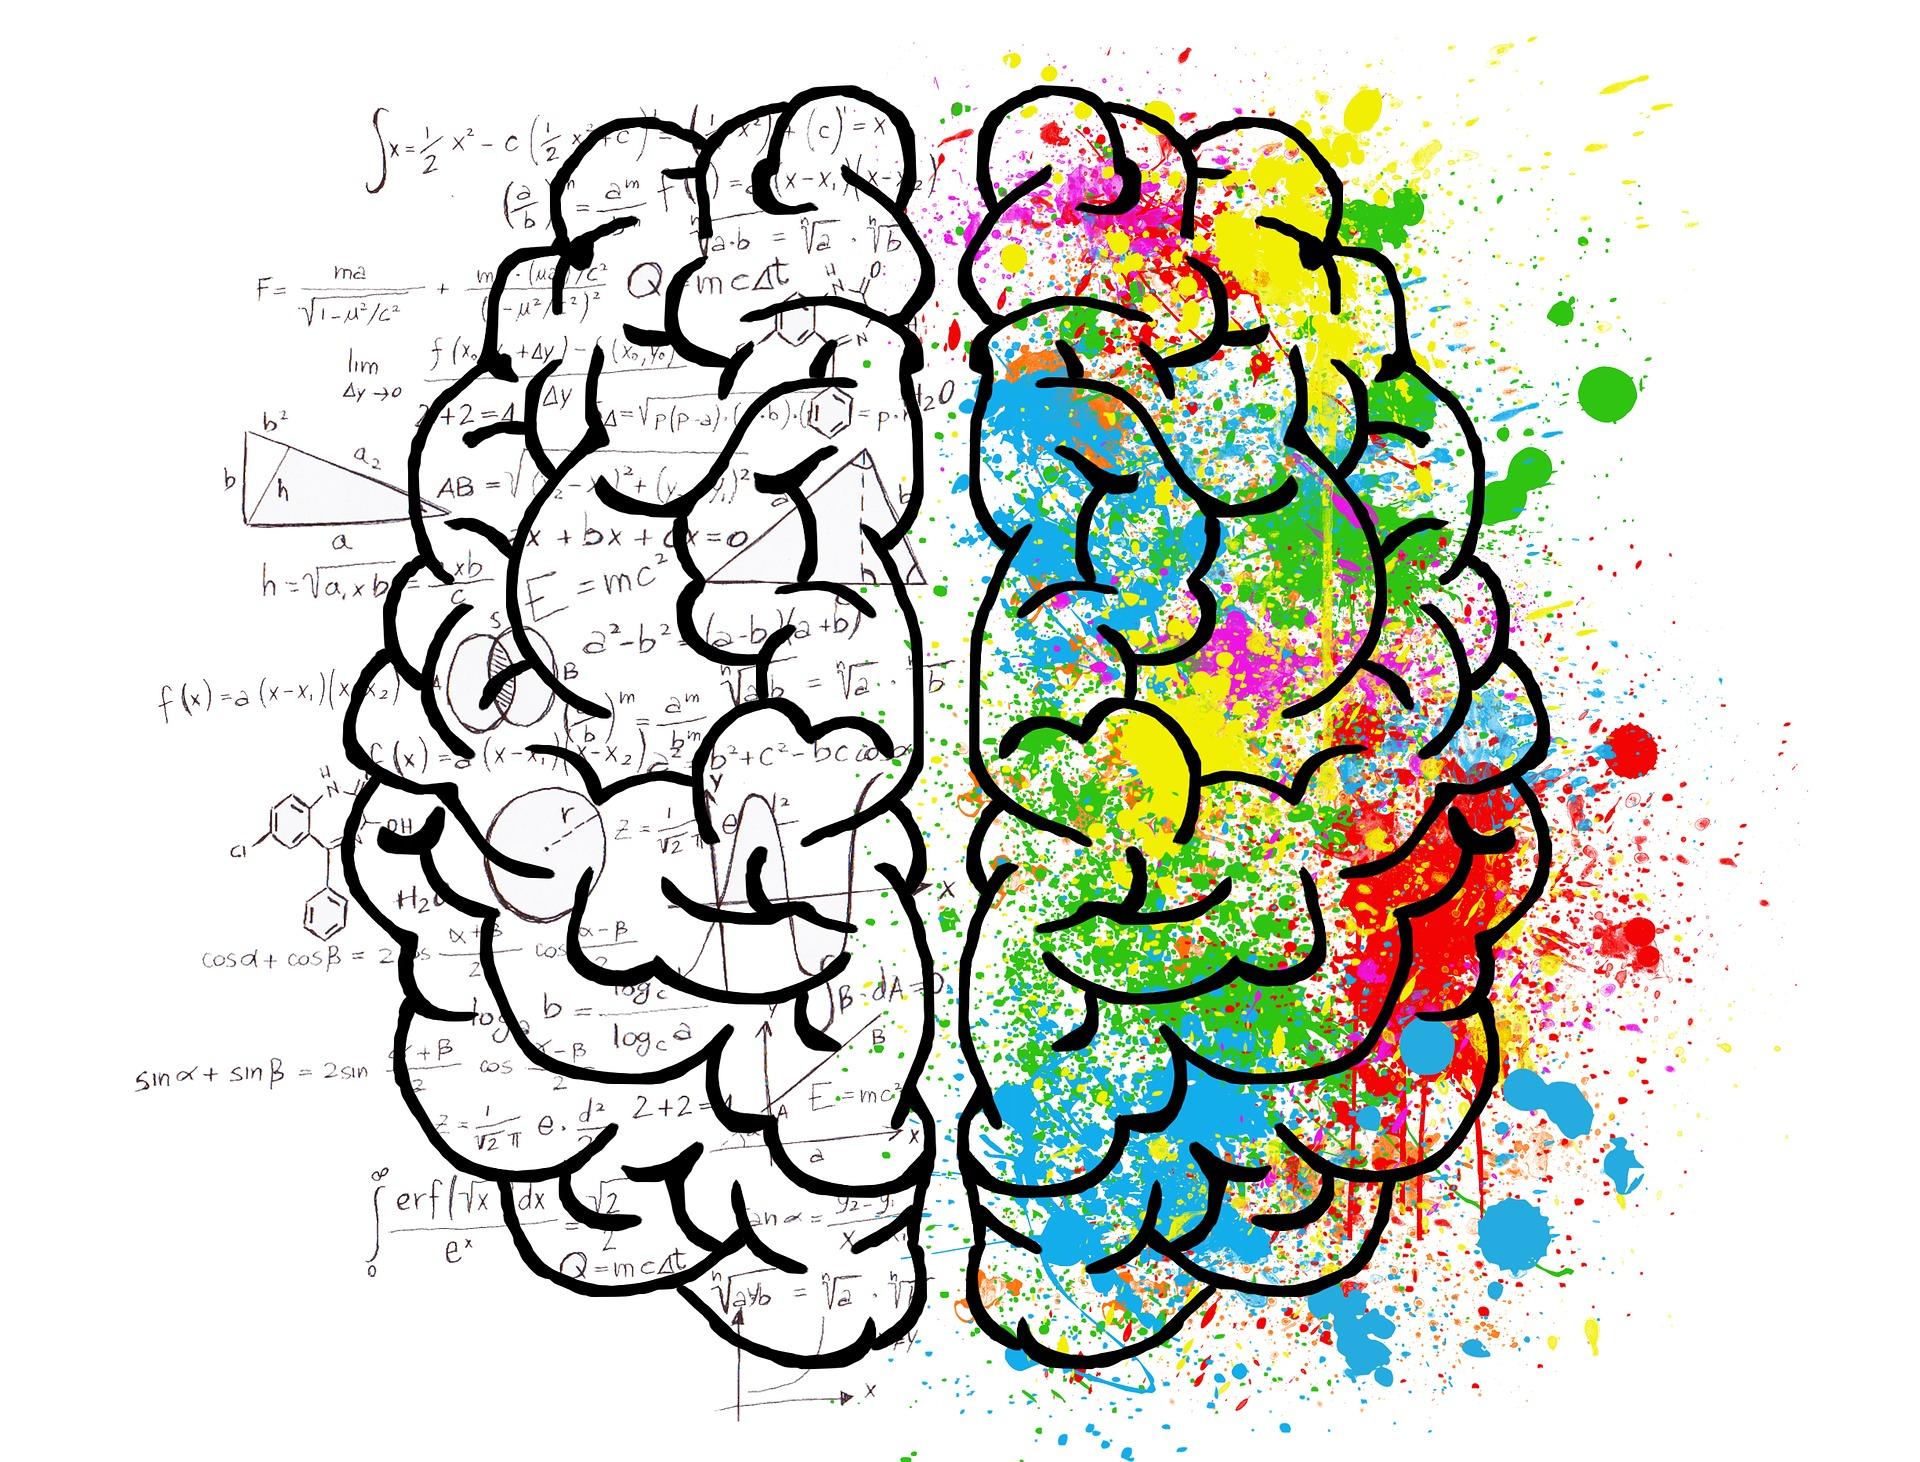 Tan solo 10 minutos de ejercicio para un cerebro activo y sano